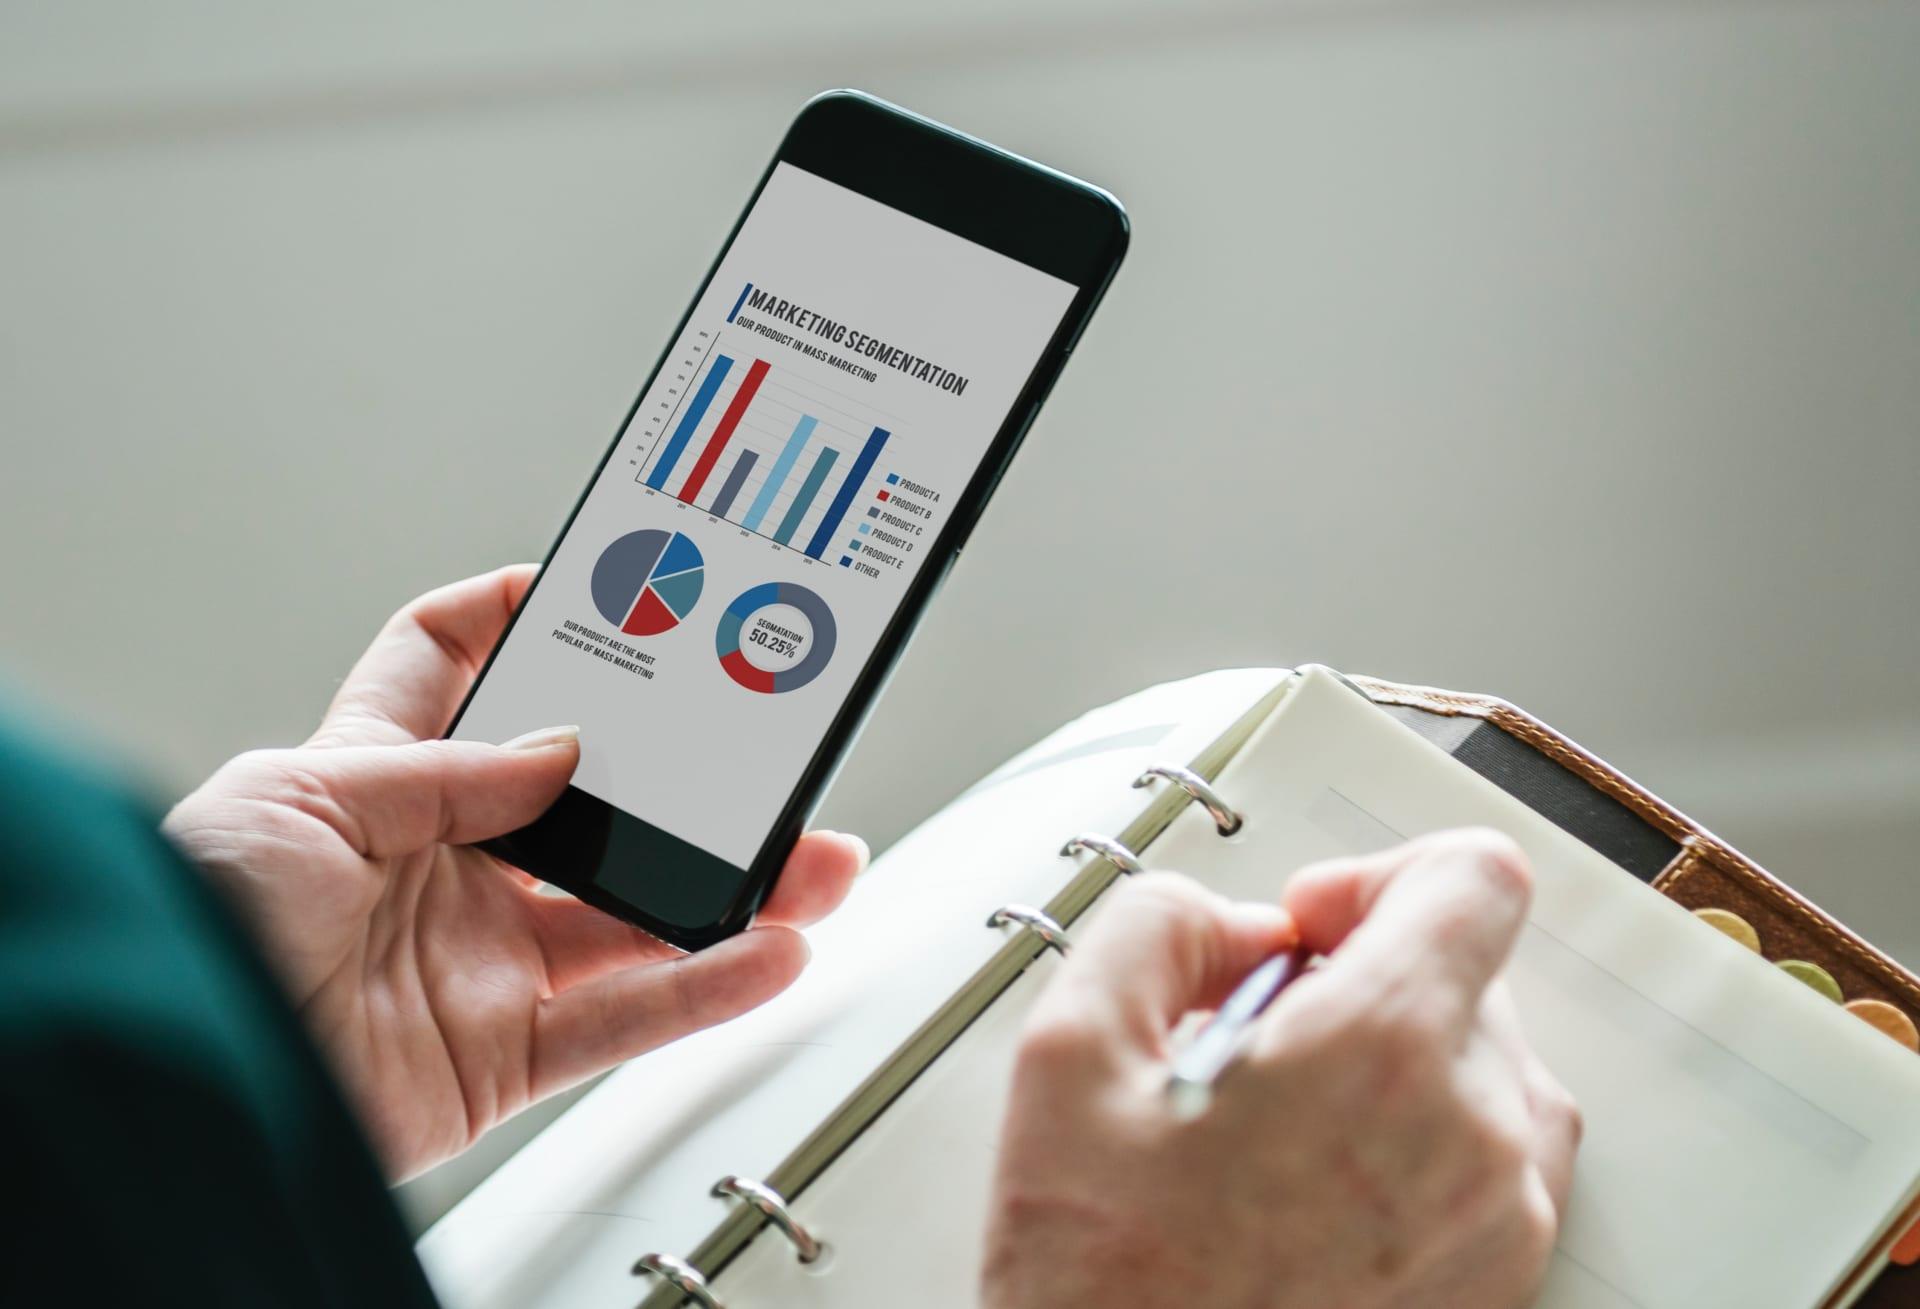 営業のスマホ活用メリット 営業活動での賢いアプリの利用法とは? Senses Lab. top